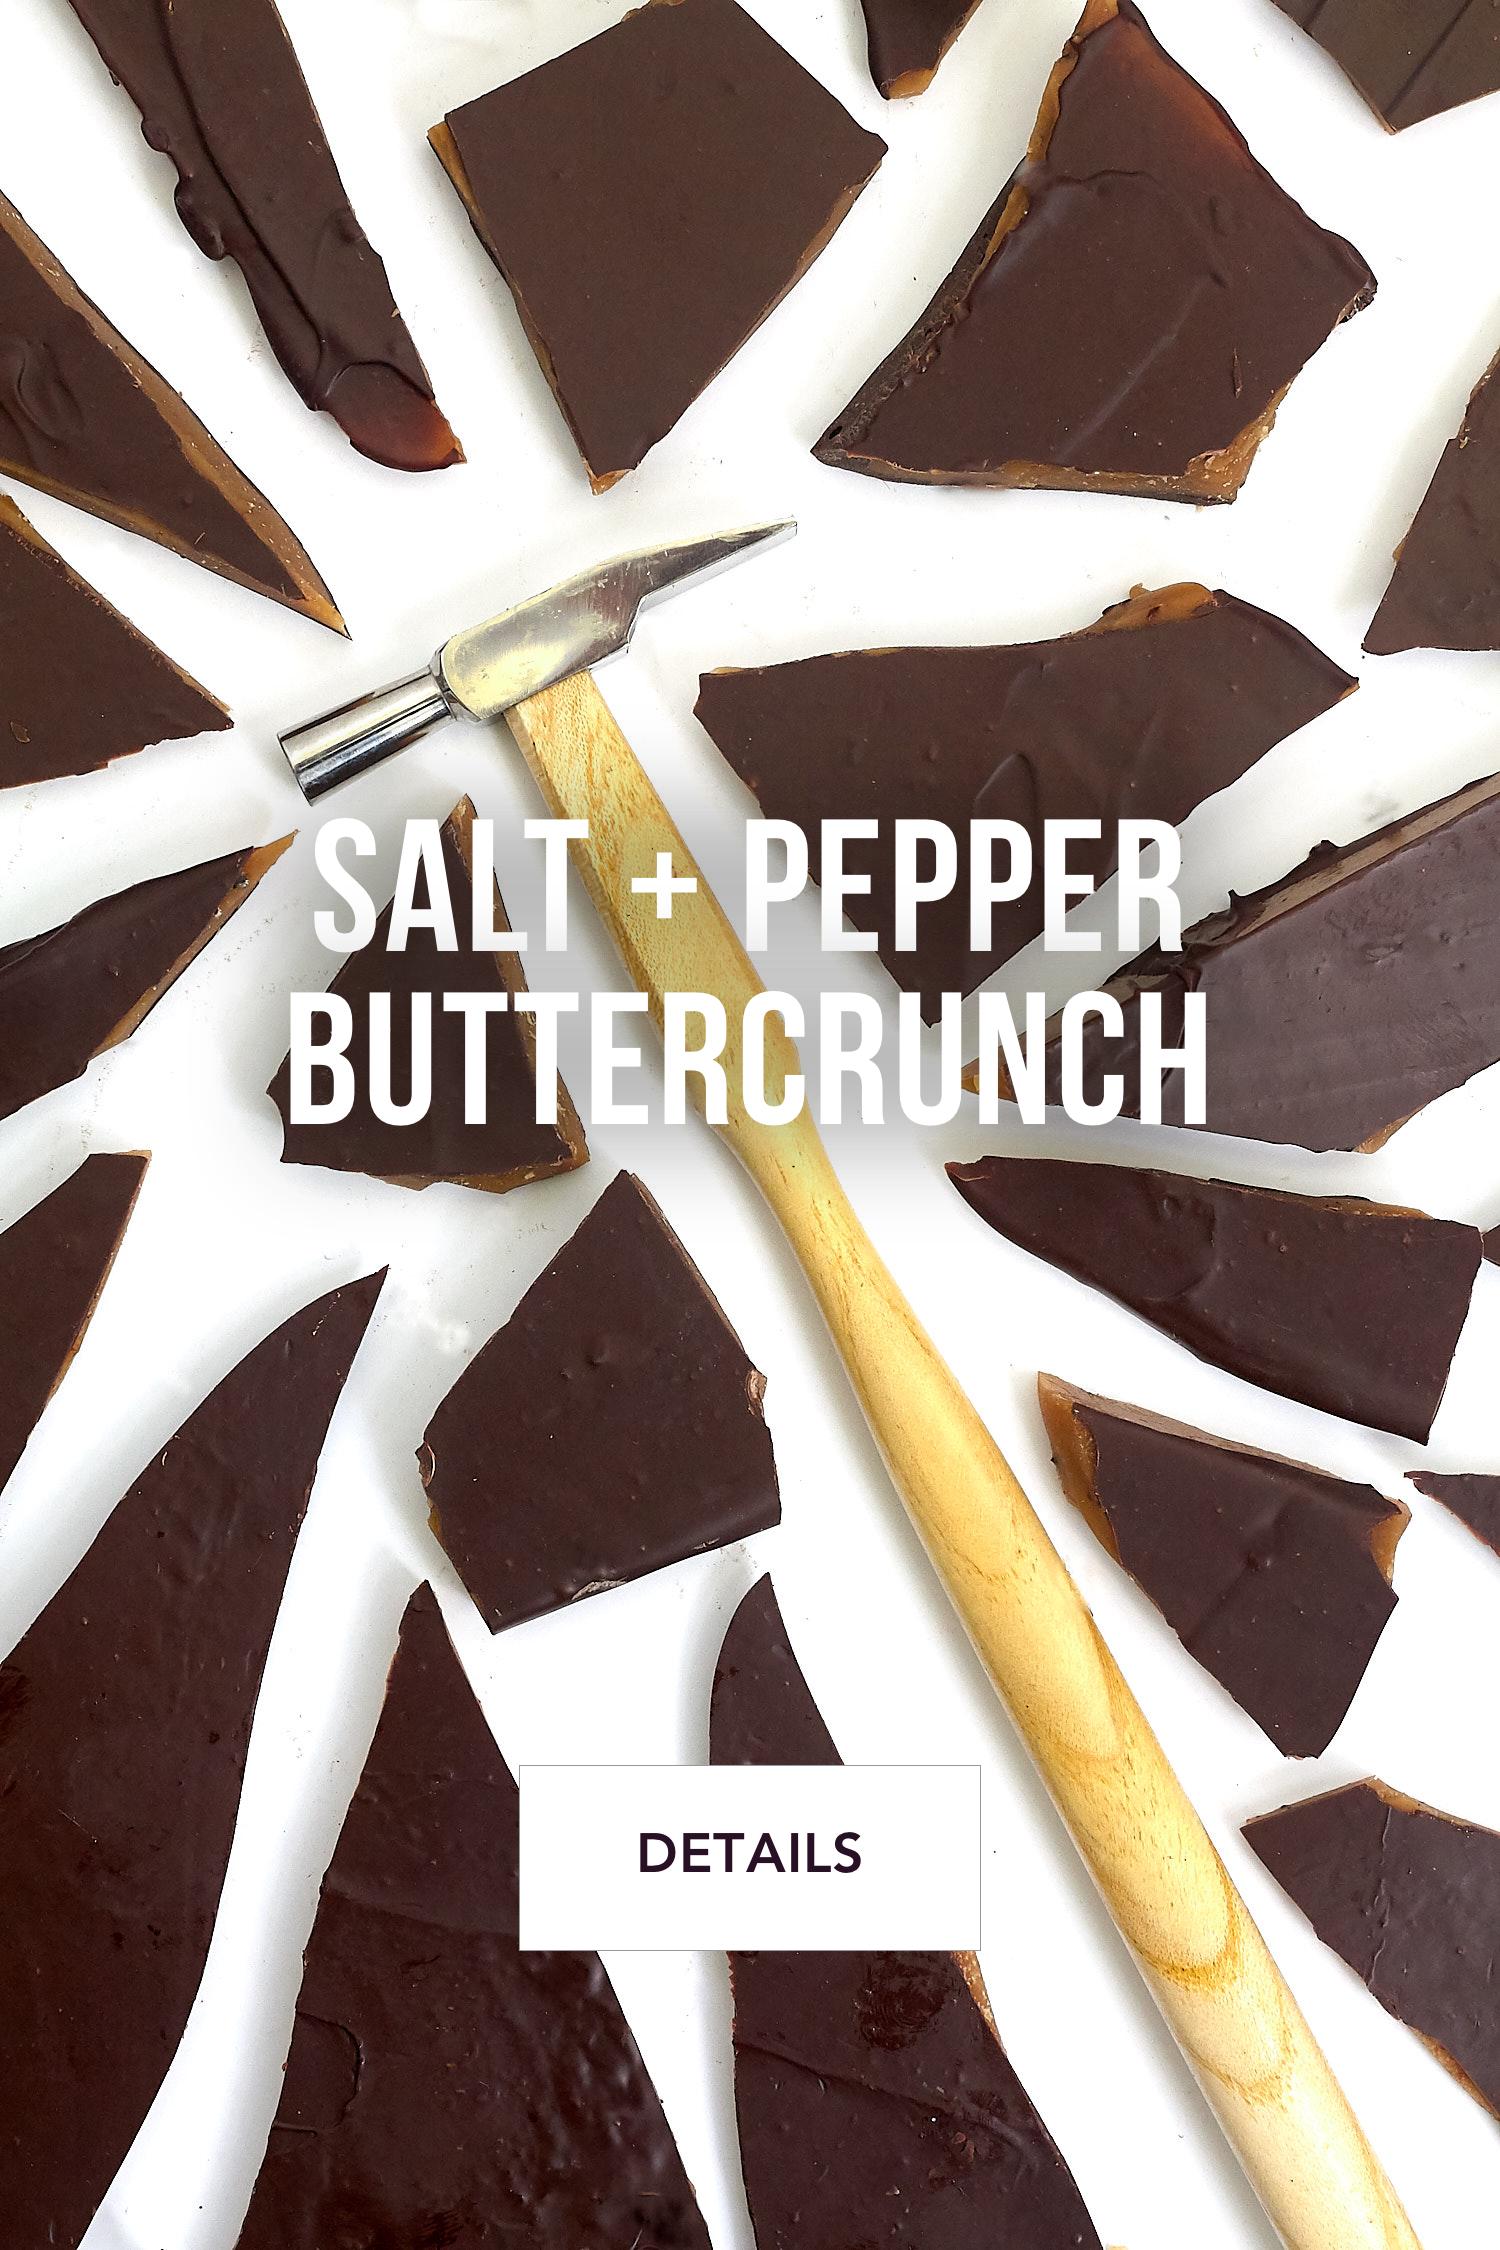 Salt + Pepper Buttercrunch